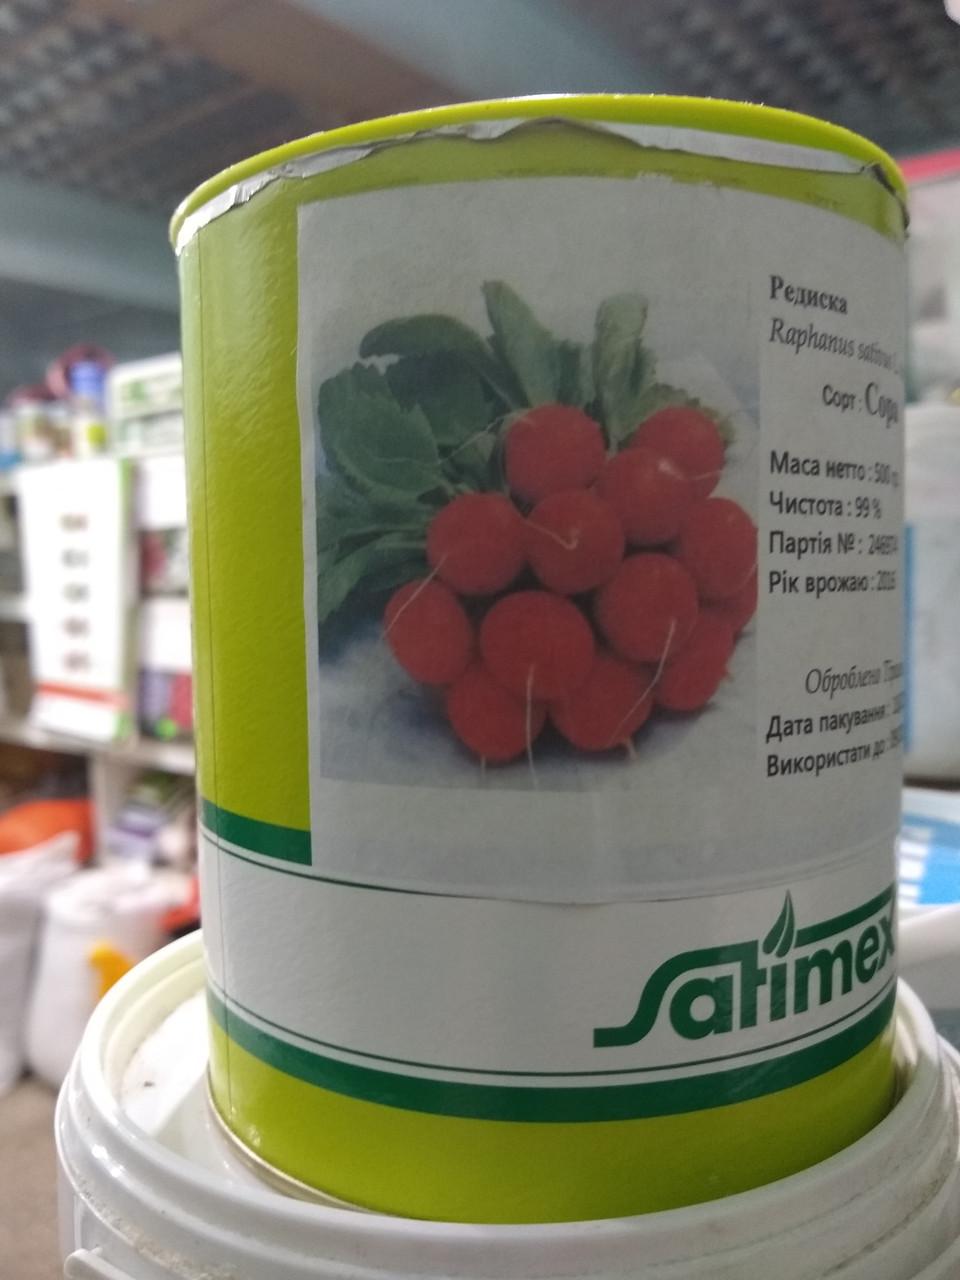 """Редис ранний Сора 10 грамм, семена обработаны """"Satimex"""", Германия"""